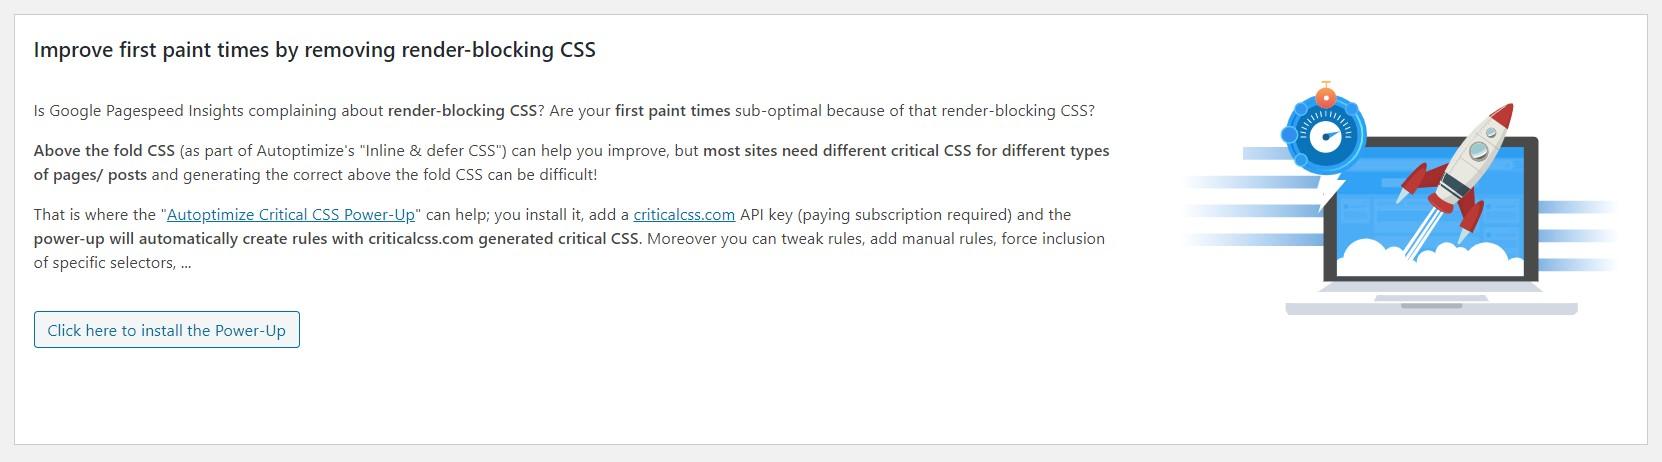 Autoptimize Critical CSS